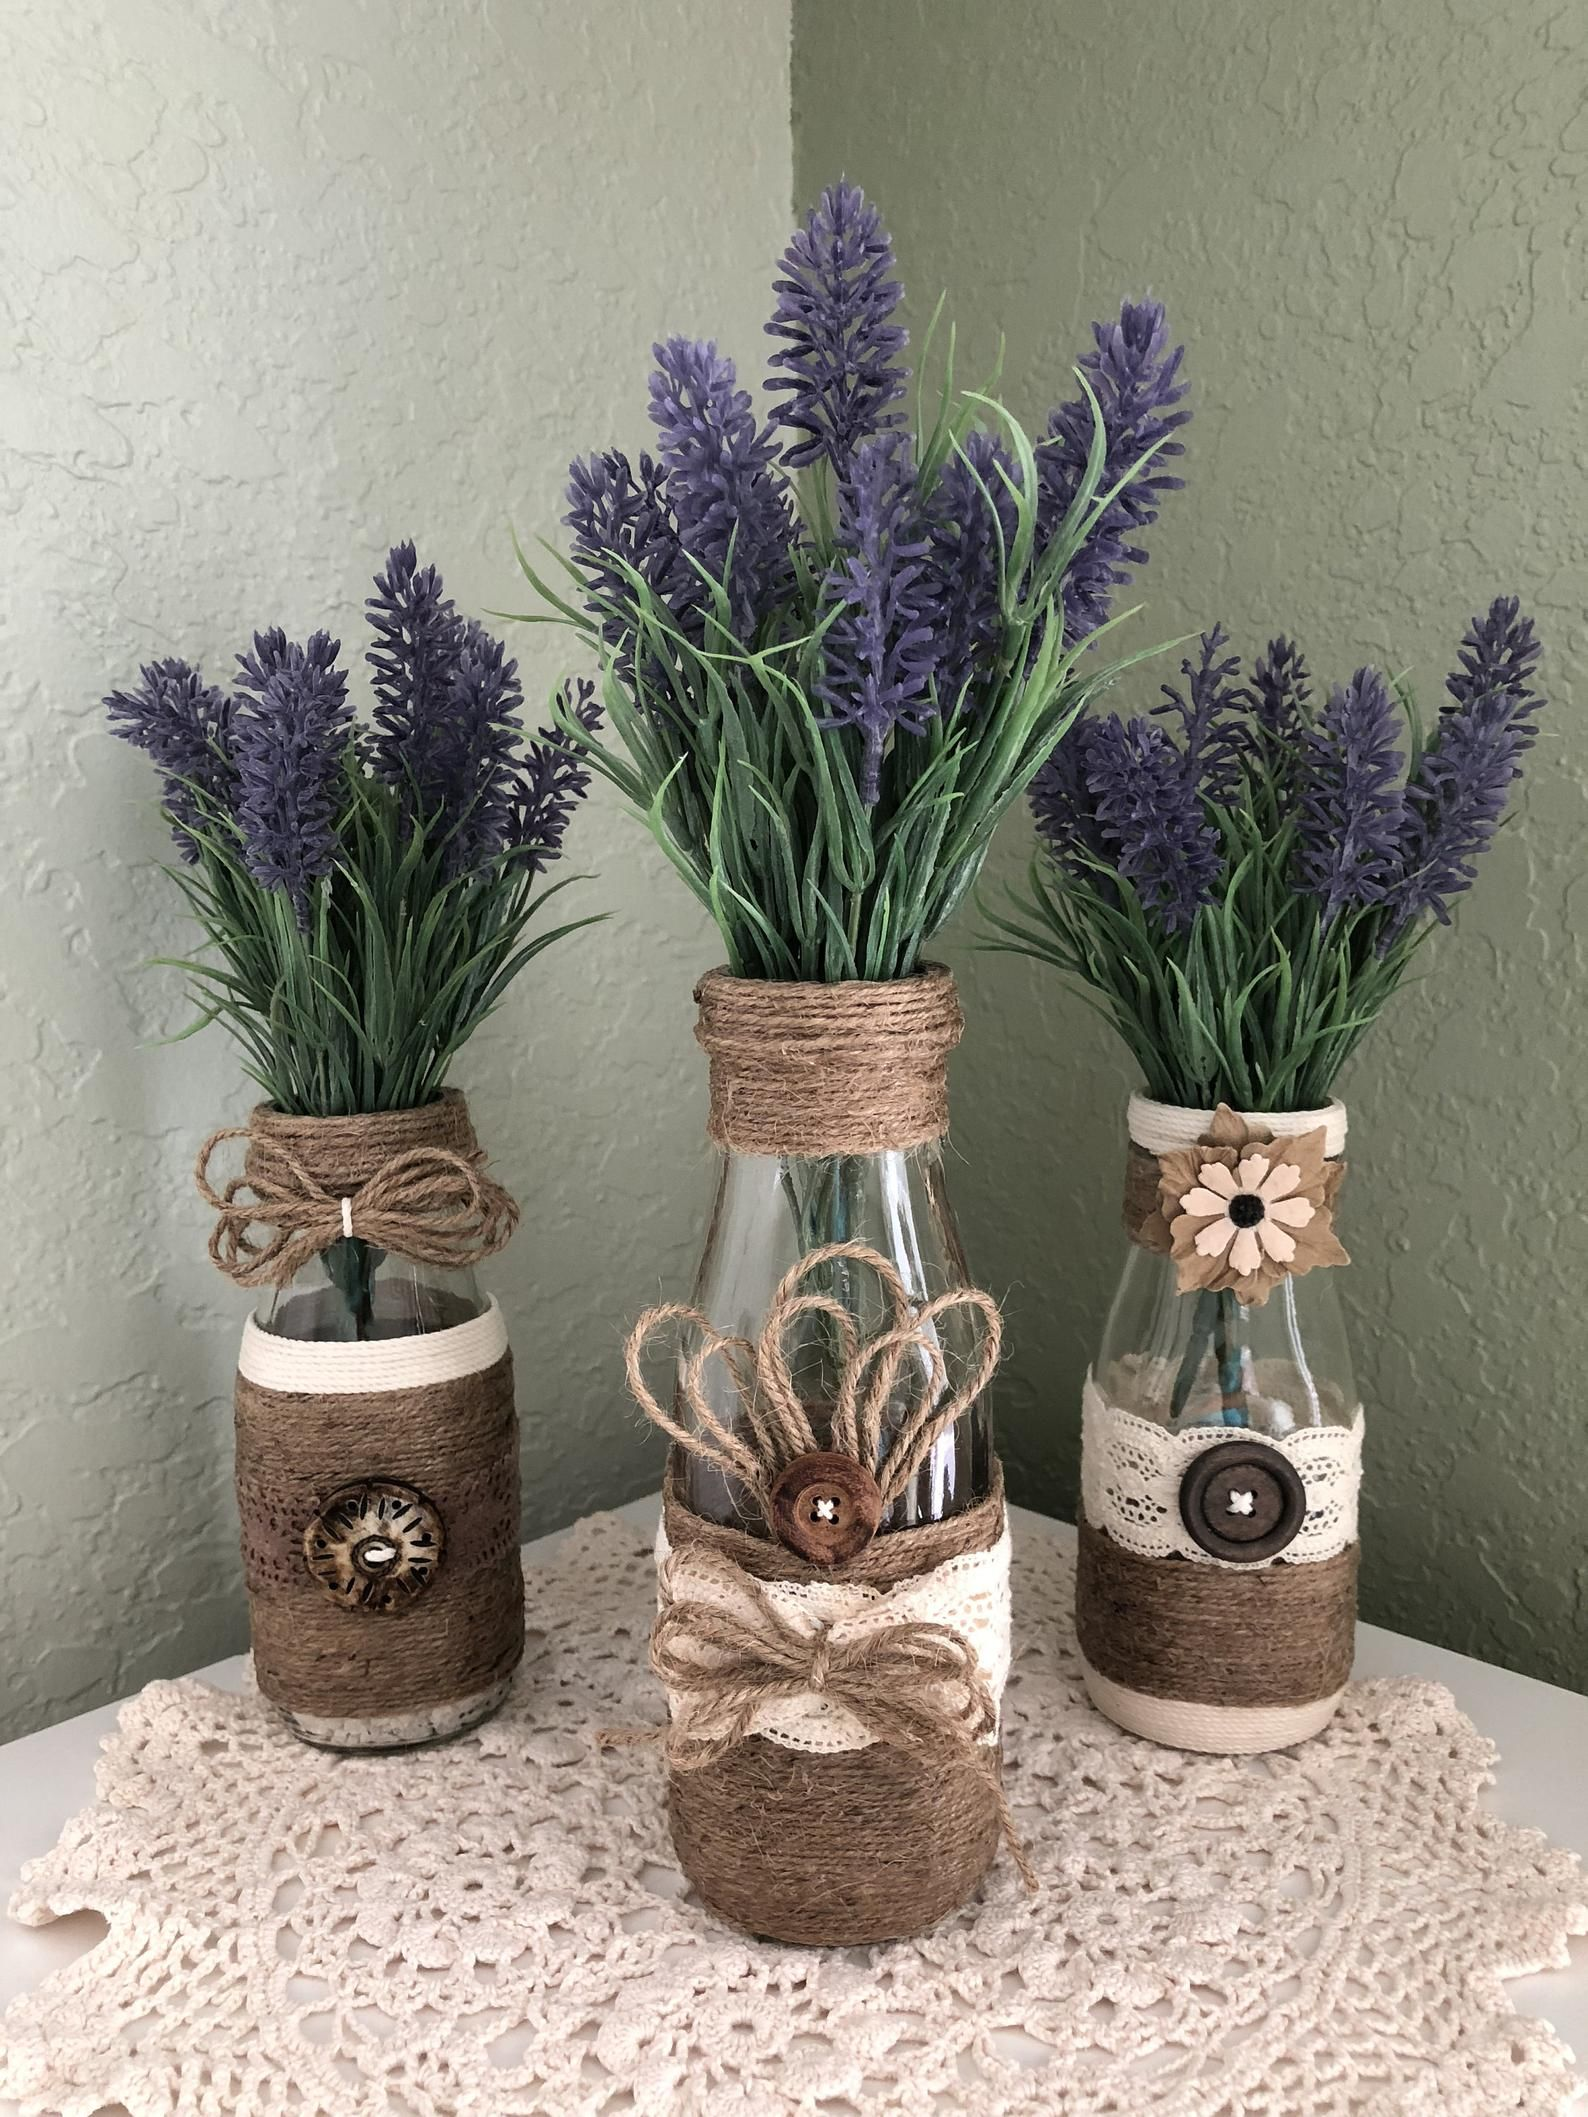 Decorative Wrapped Bottles, Twine~Jute~Burlap~Wood Buttons~Lavender  Florals, Dairy Bottles, Set of 3, Quality Crafted~Farmhouse~Wedding~Home |  Bouteilles décoratives, Décoration de bocaux, Emballage de bouteille